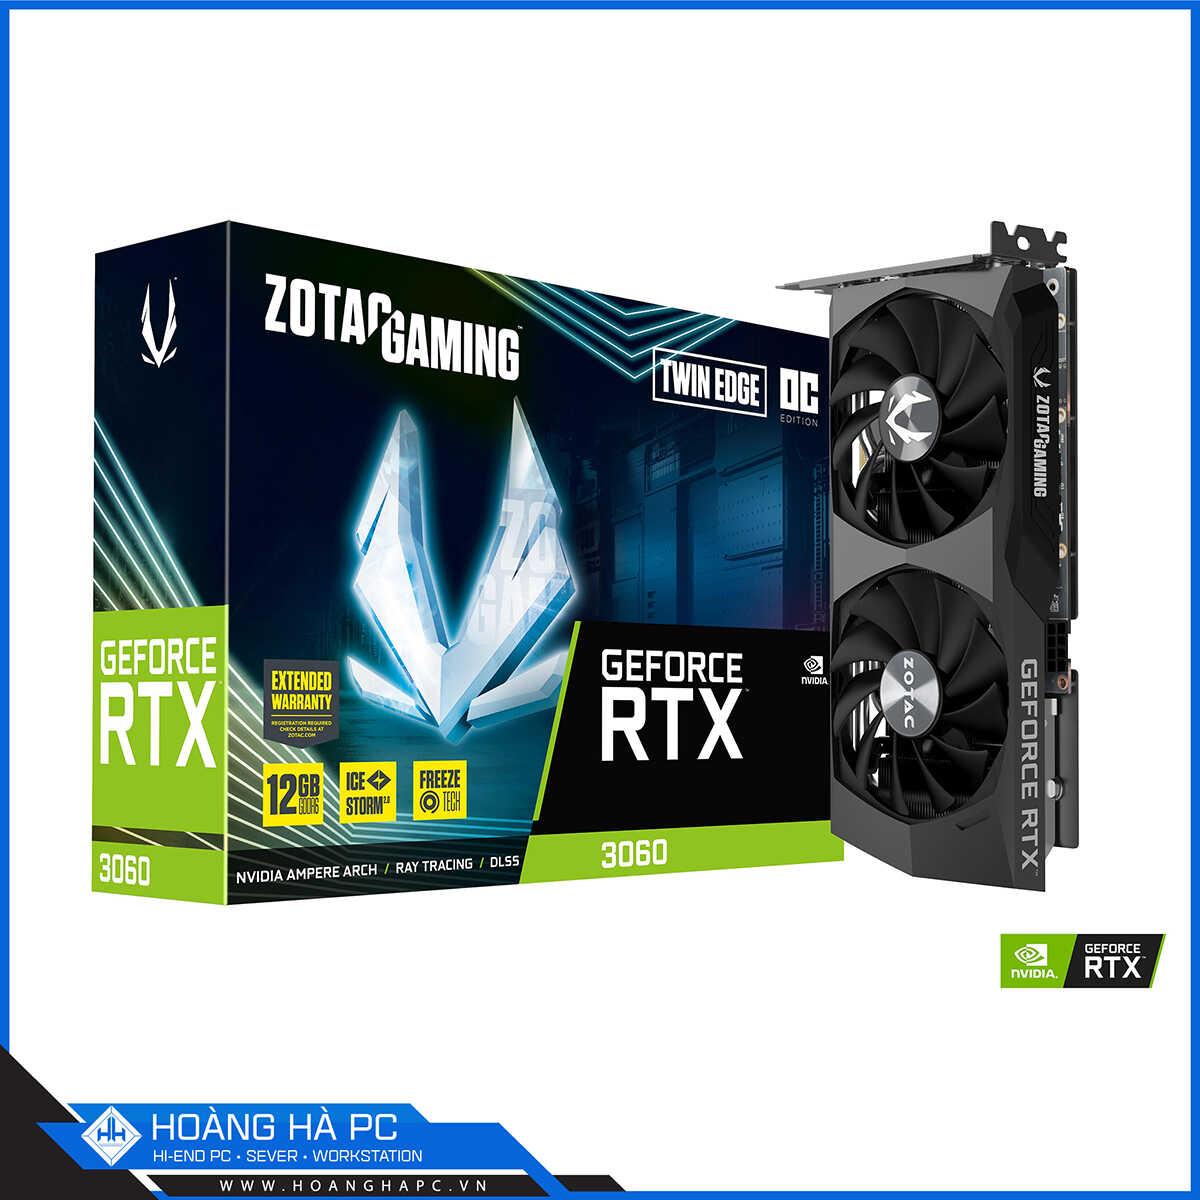 Tổng quát chung về NVIDIA GeForce RTX 3060/ 3060Ti